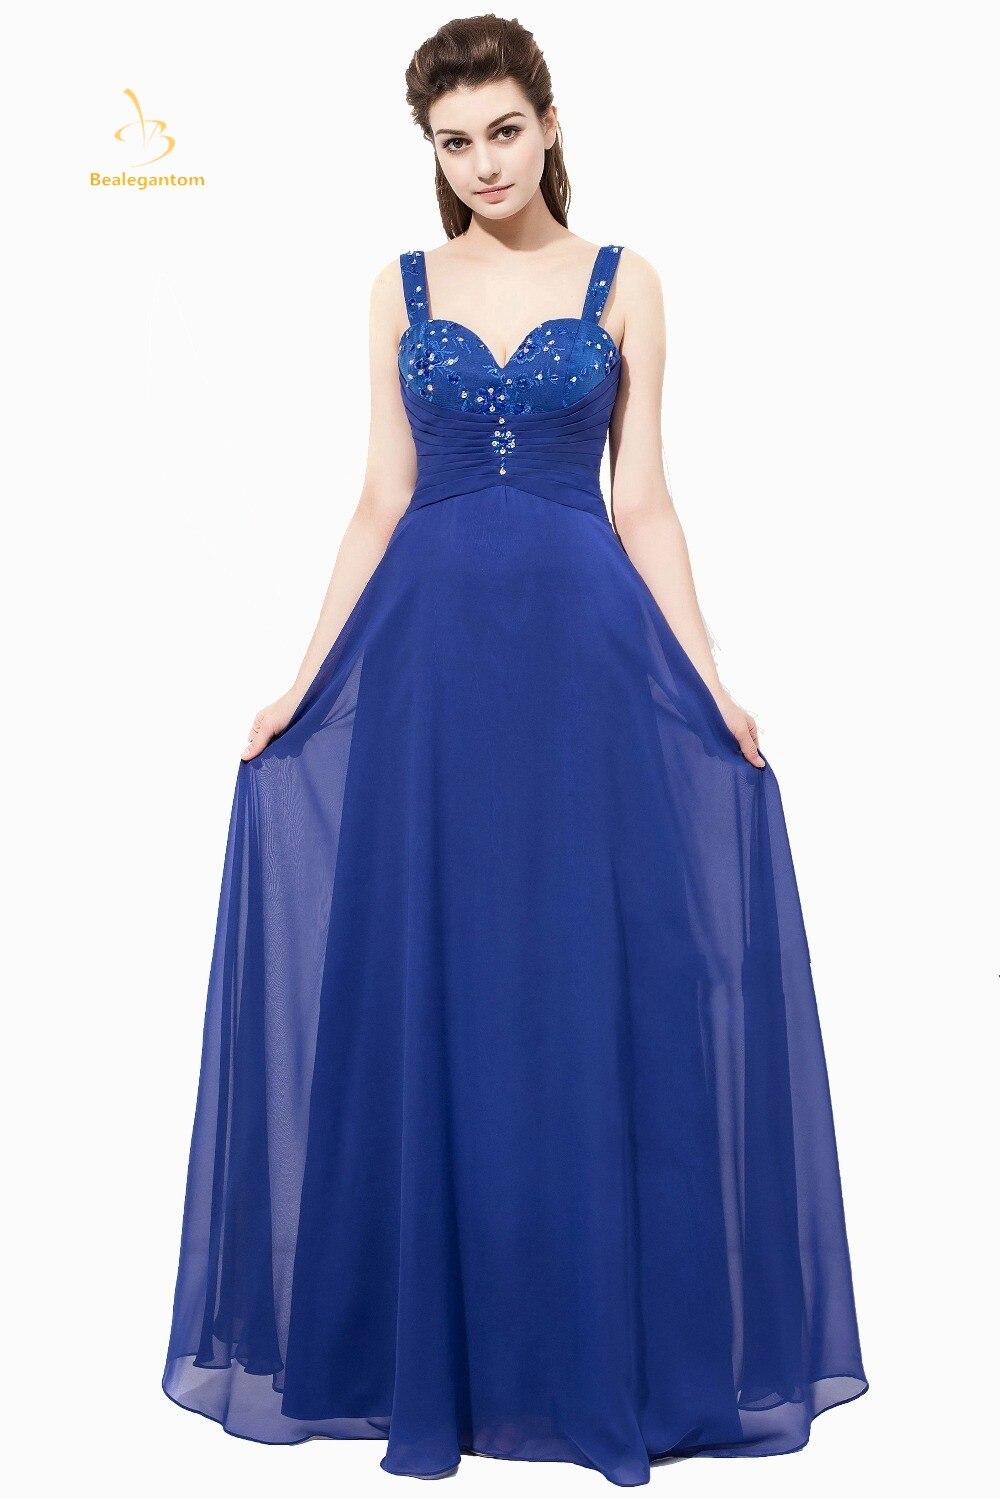 Bealegantom Real Photo 2019 robes de bal bleues à lacets robes de soirée formelles Vestido en Stock QA1372